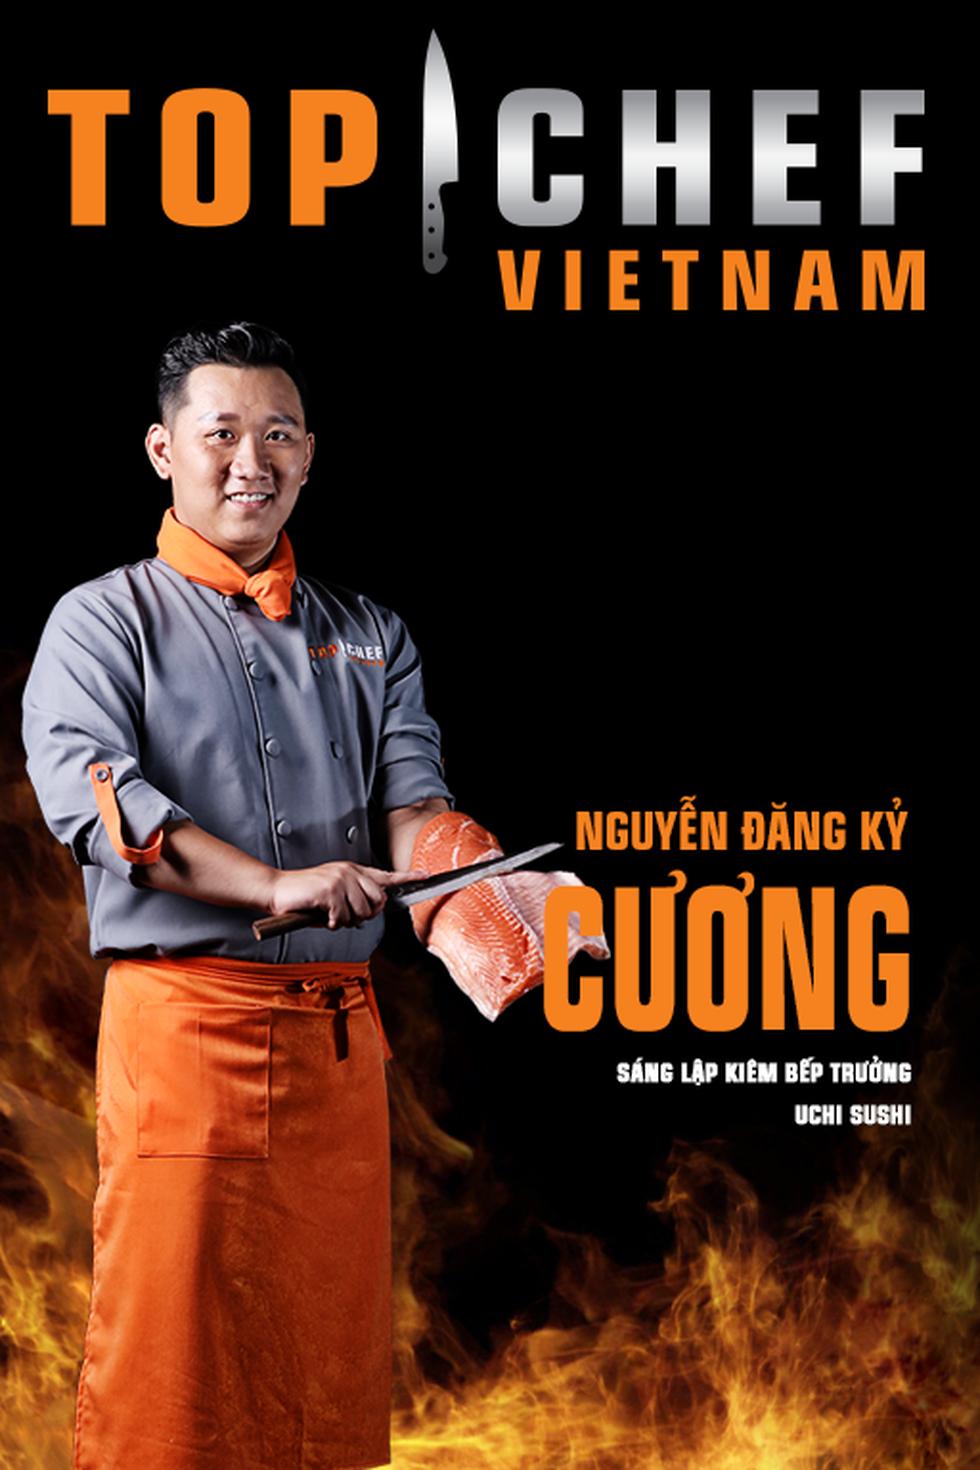 Lộ diện top 14 Đầu bếp thượng đỉnh - Top chef Vietnam 2019 - Ảnh 8.